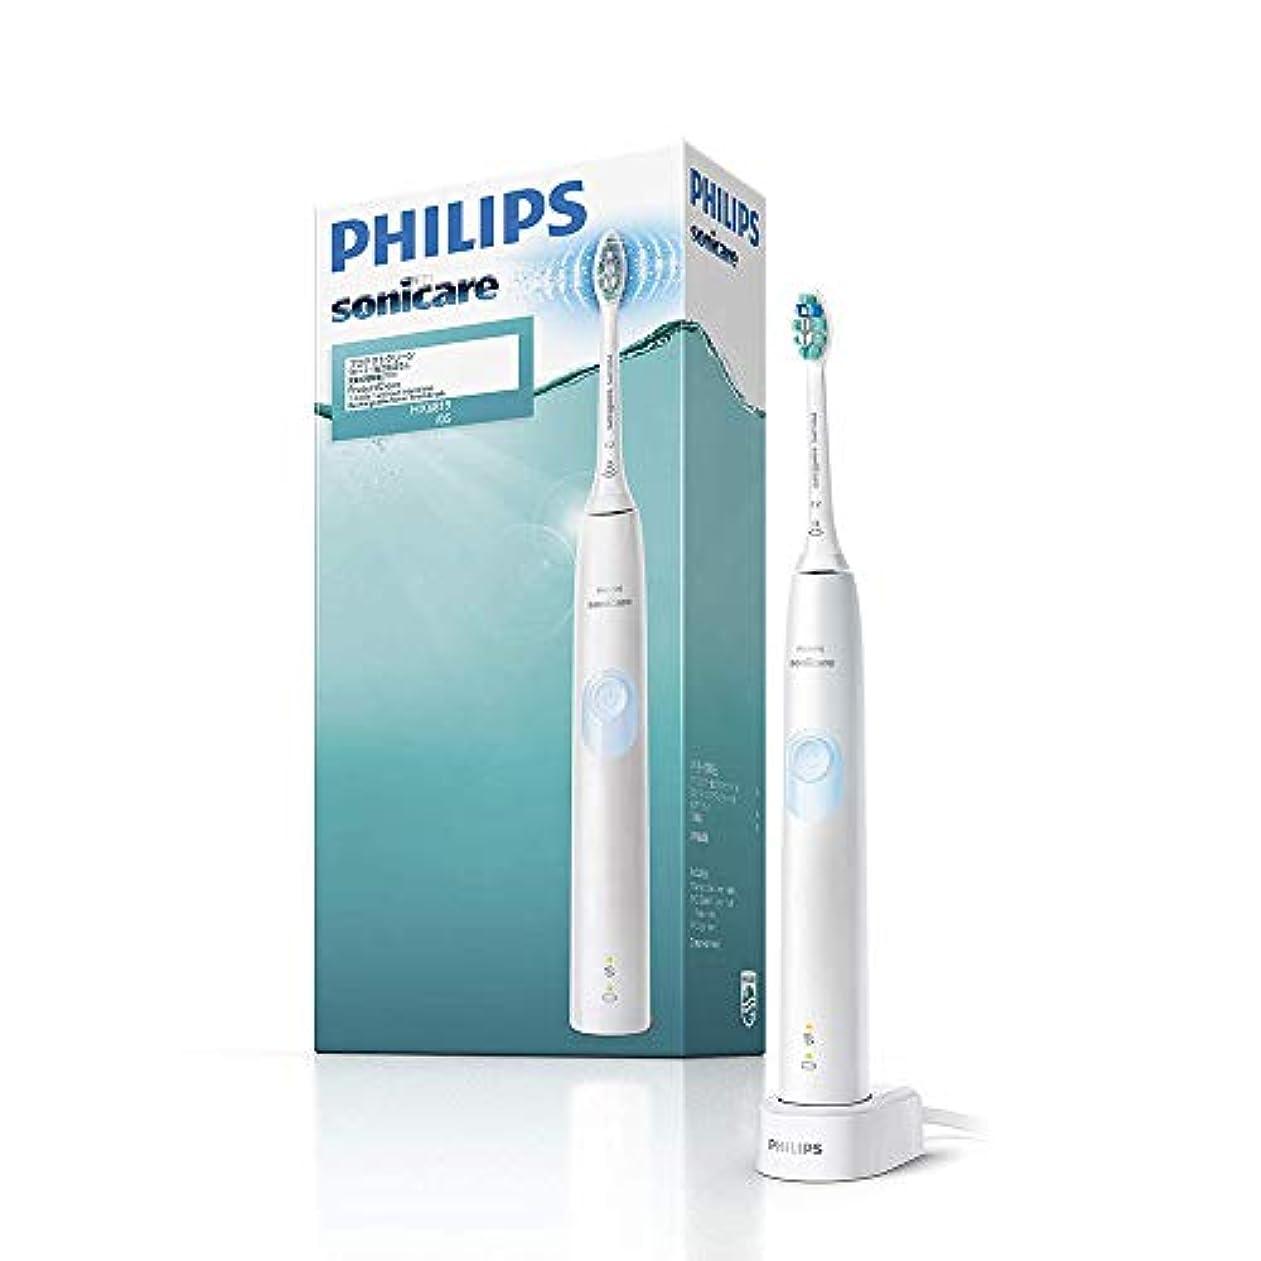 タフクールガソリン【Amazon.co.jp限定】フィリップス ソニッケアー プロテクトクリーン ホワイトライトブルー 電動歯ブラシ 強さ設定なし HX6819/05